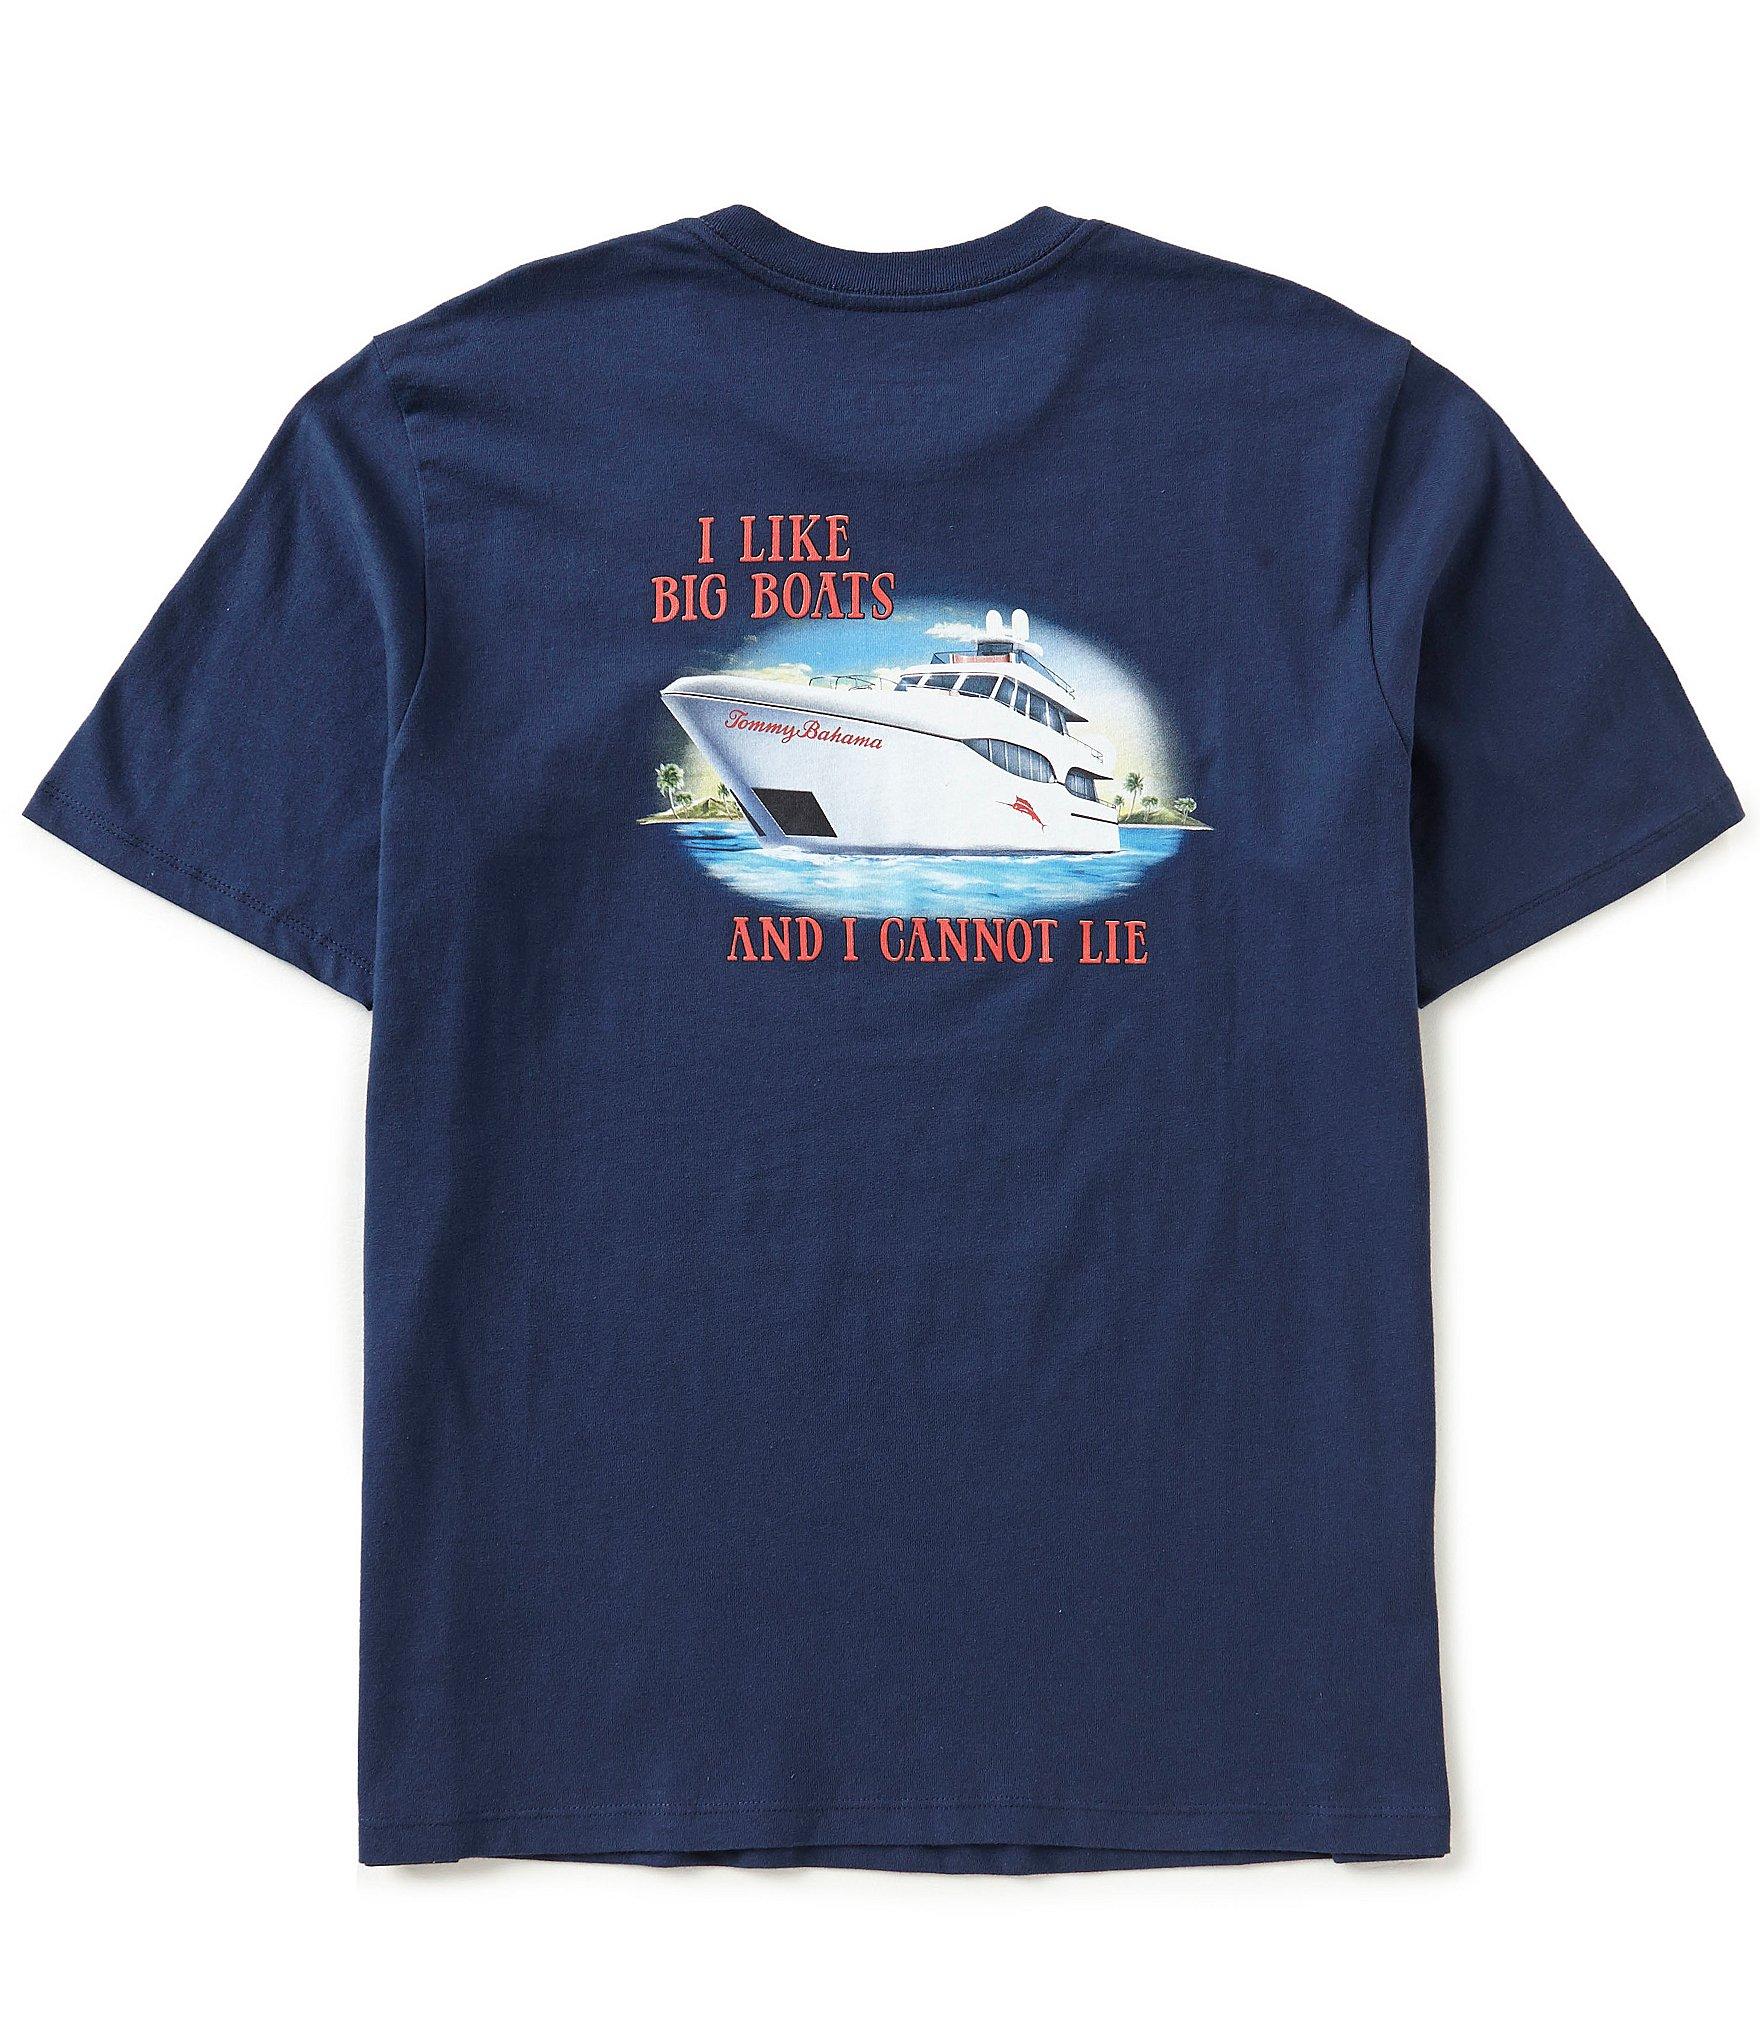 Tommy Bahama Big Boats Short Sleeve Tee Dillards